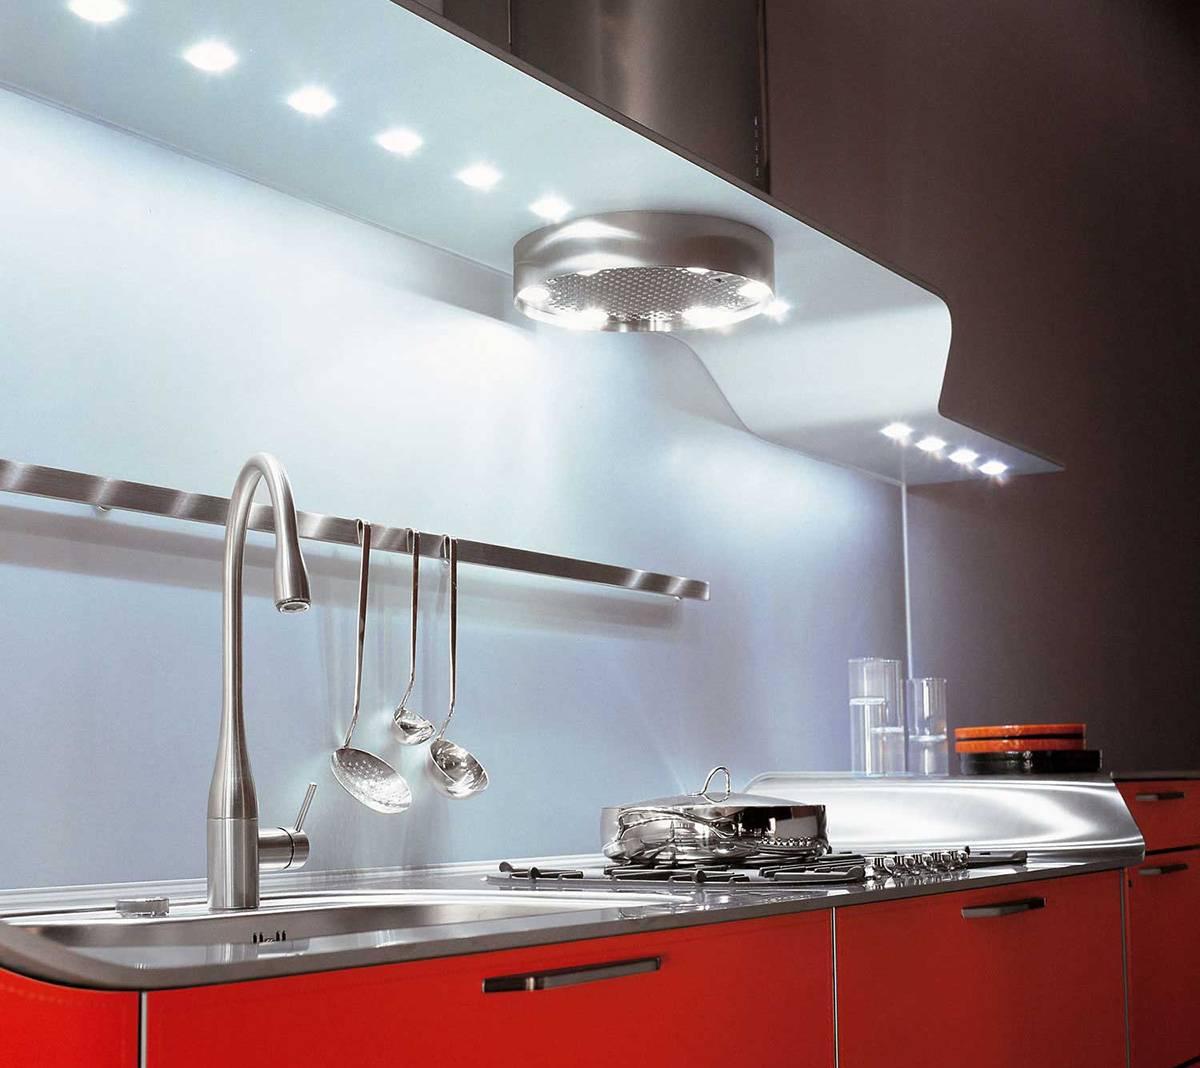 Освещение на кухне (52 фото): как правильно организовать свет в интерьере кухни? дизайн и варианты расположения светильников на потолке и стенах